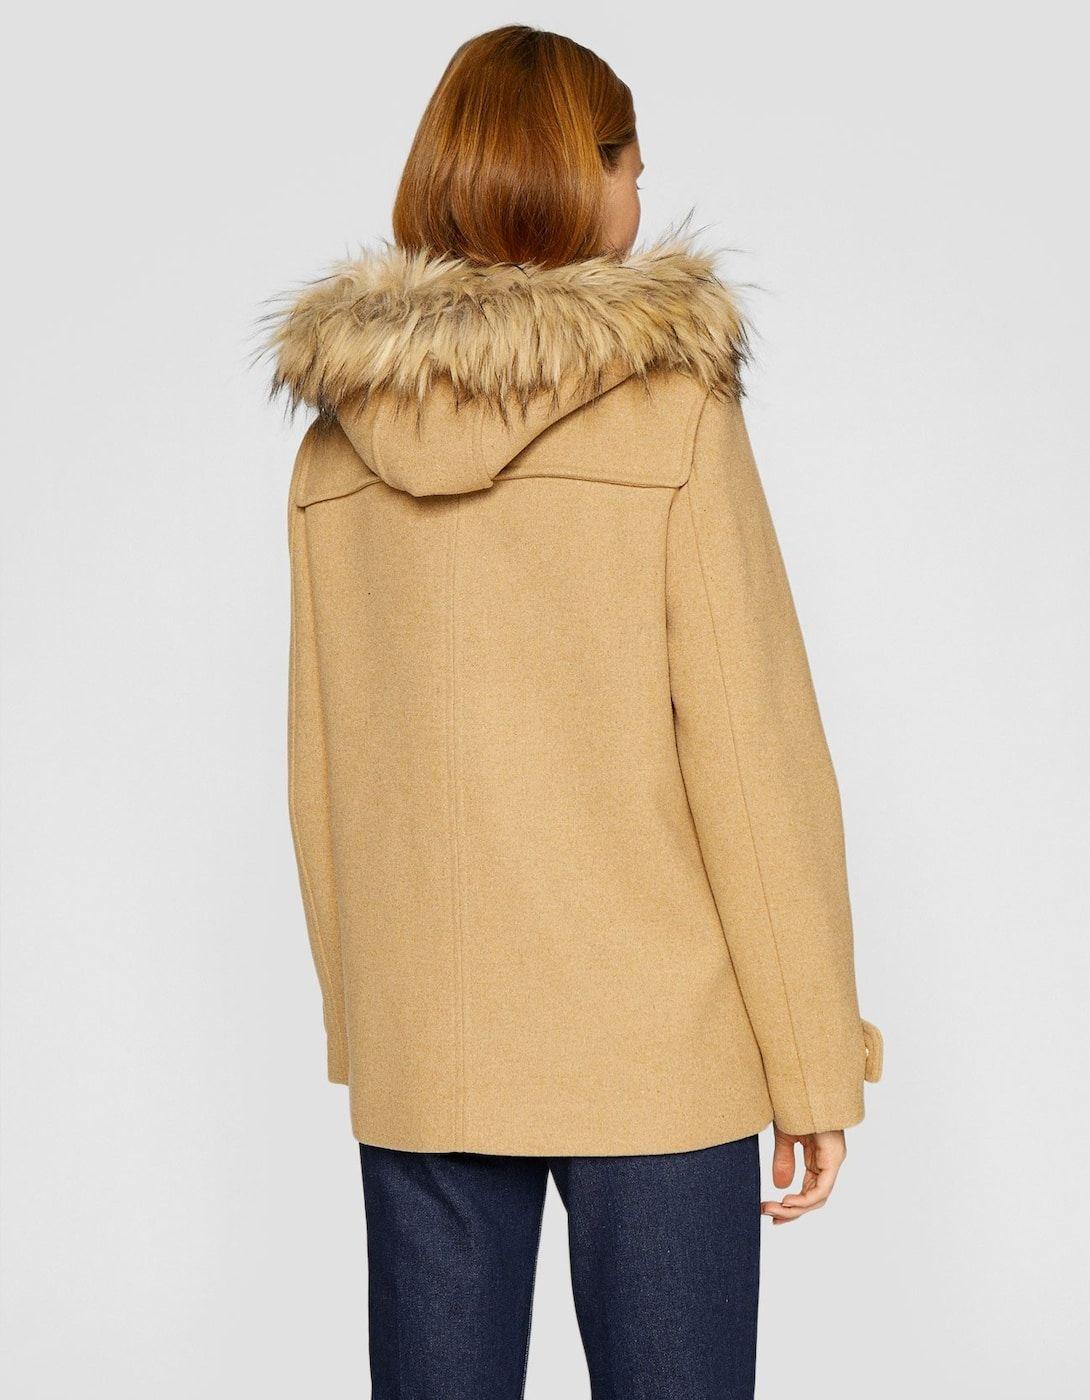 Cazadora de paño con capucha lana - Abrigos de mujer  2de32a6dc12e